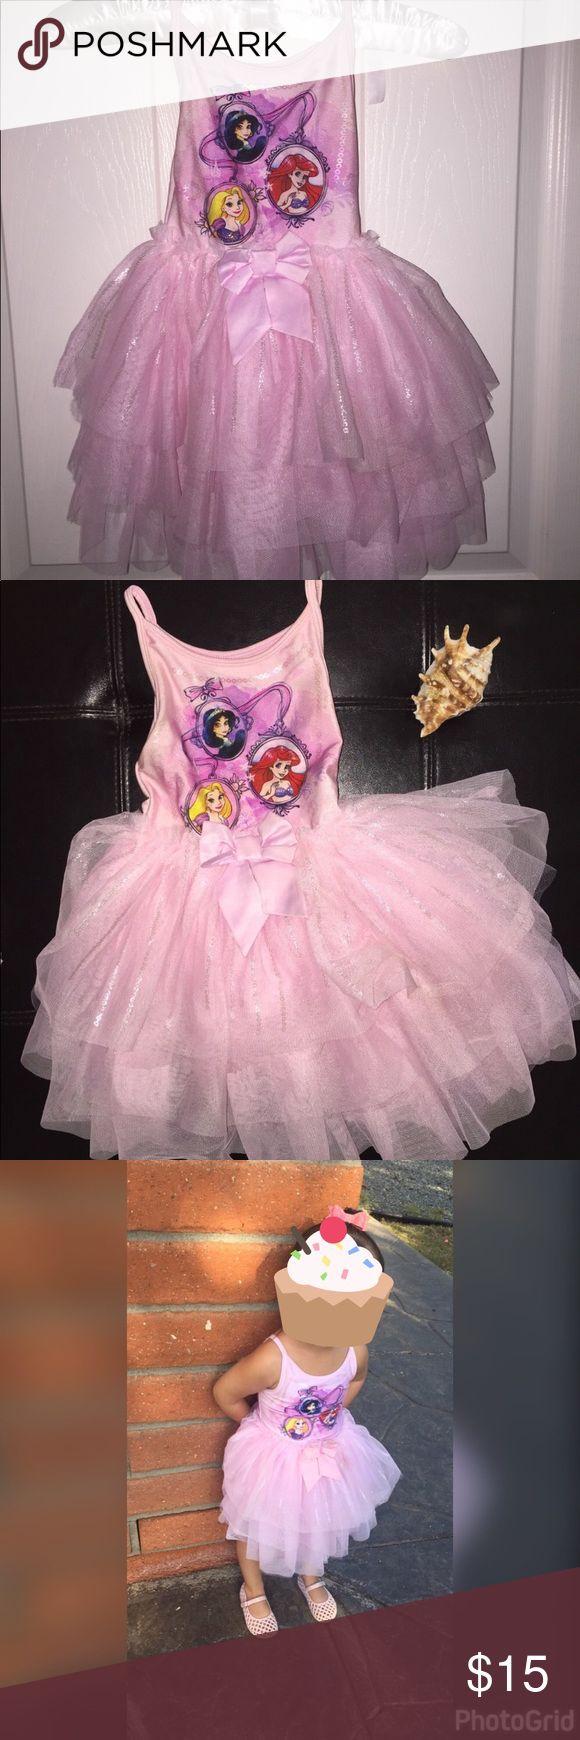 Disney princess tutu dress Adorable pink Disney princess dress in great condition. Disney Dresses Casual